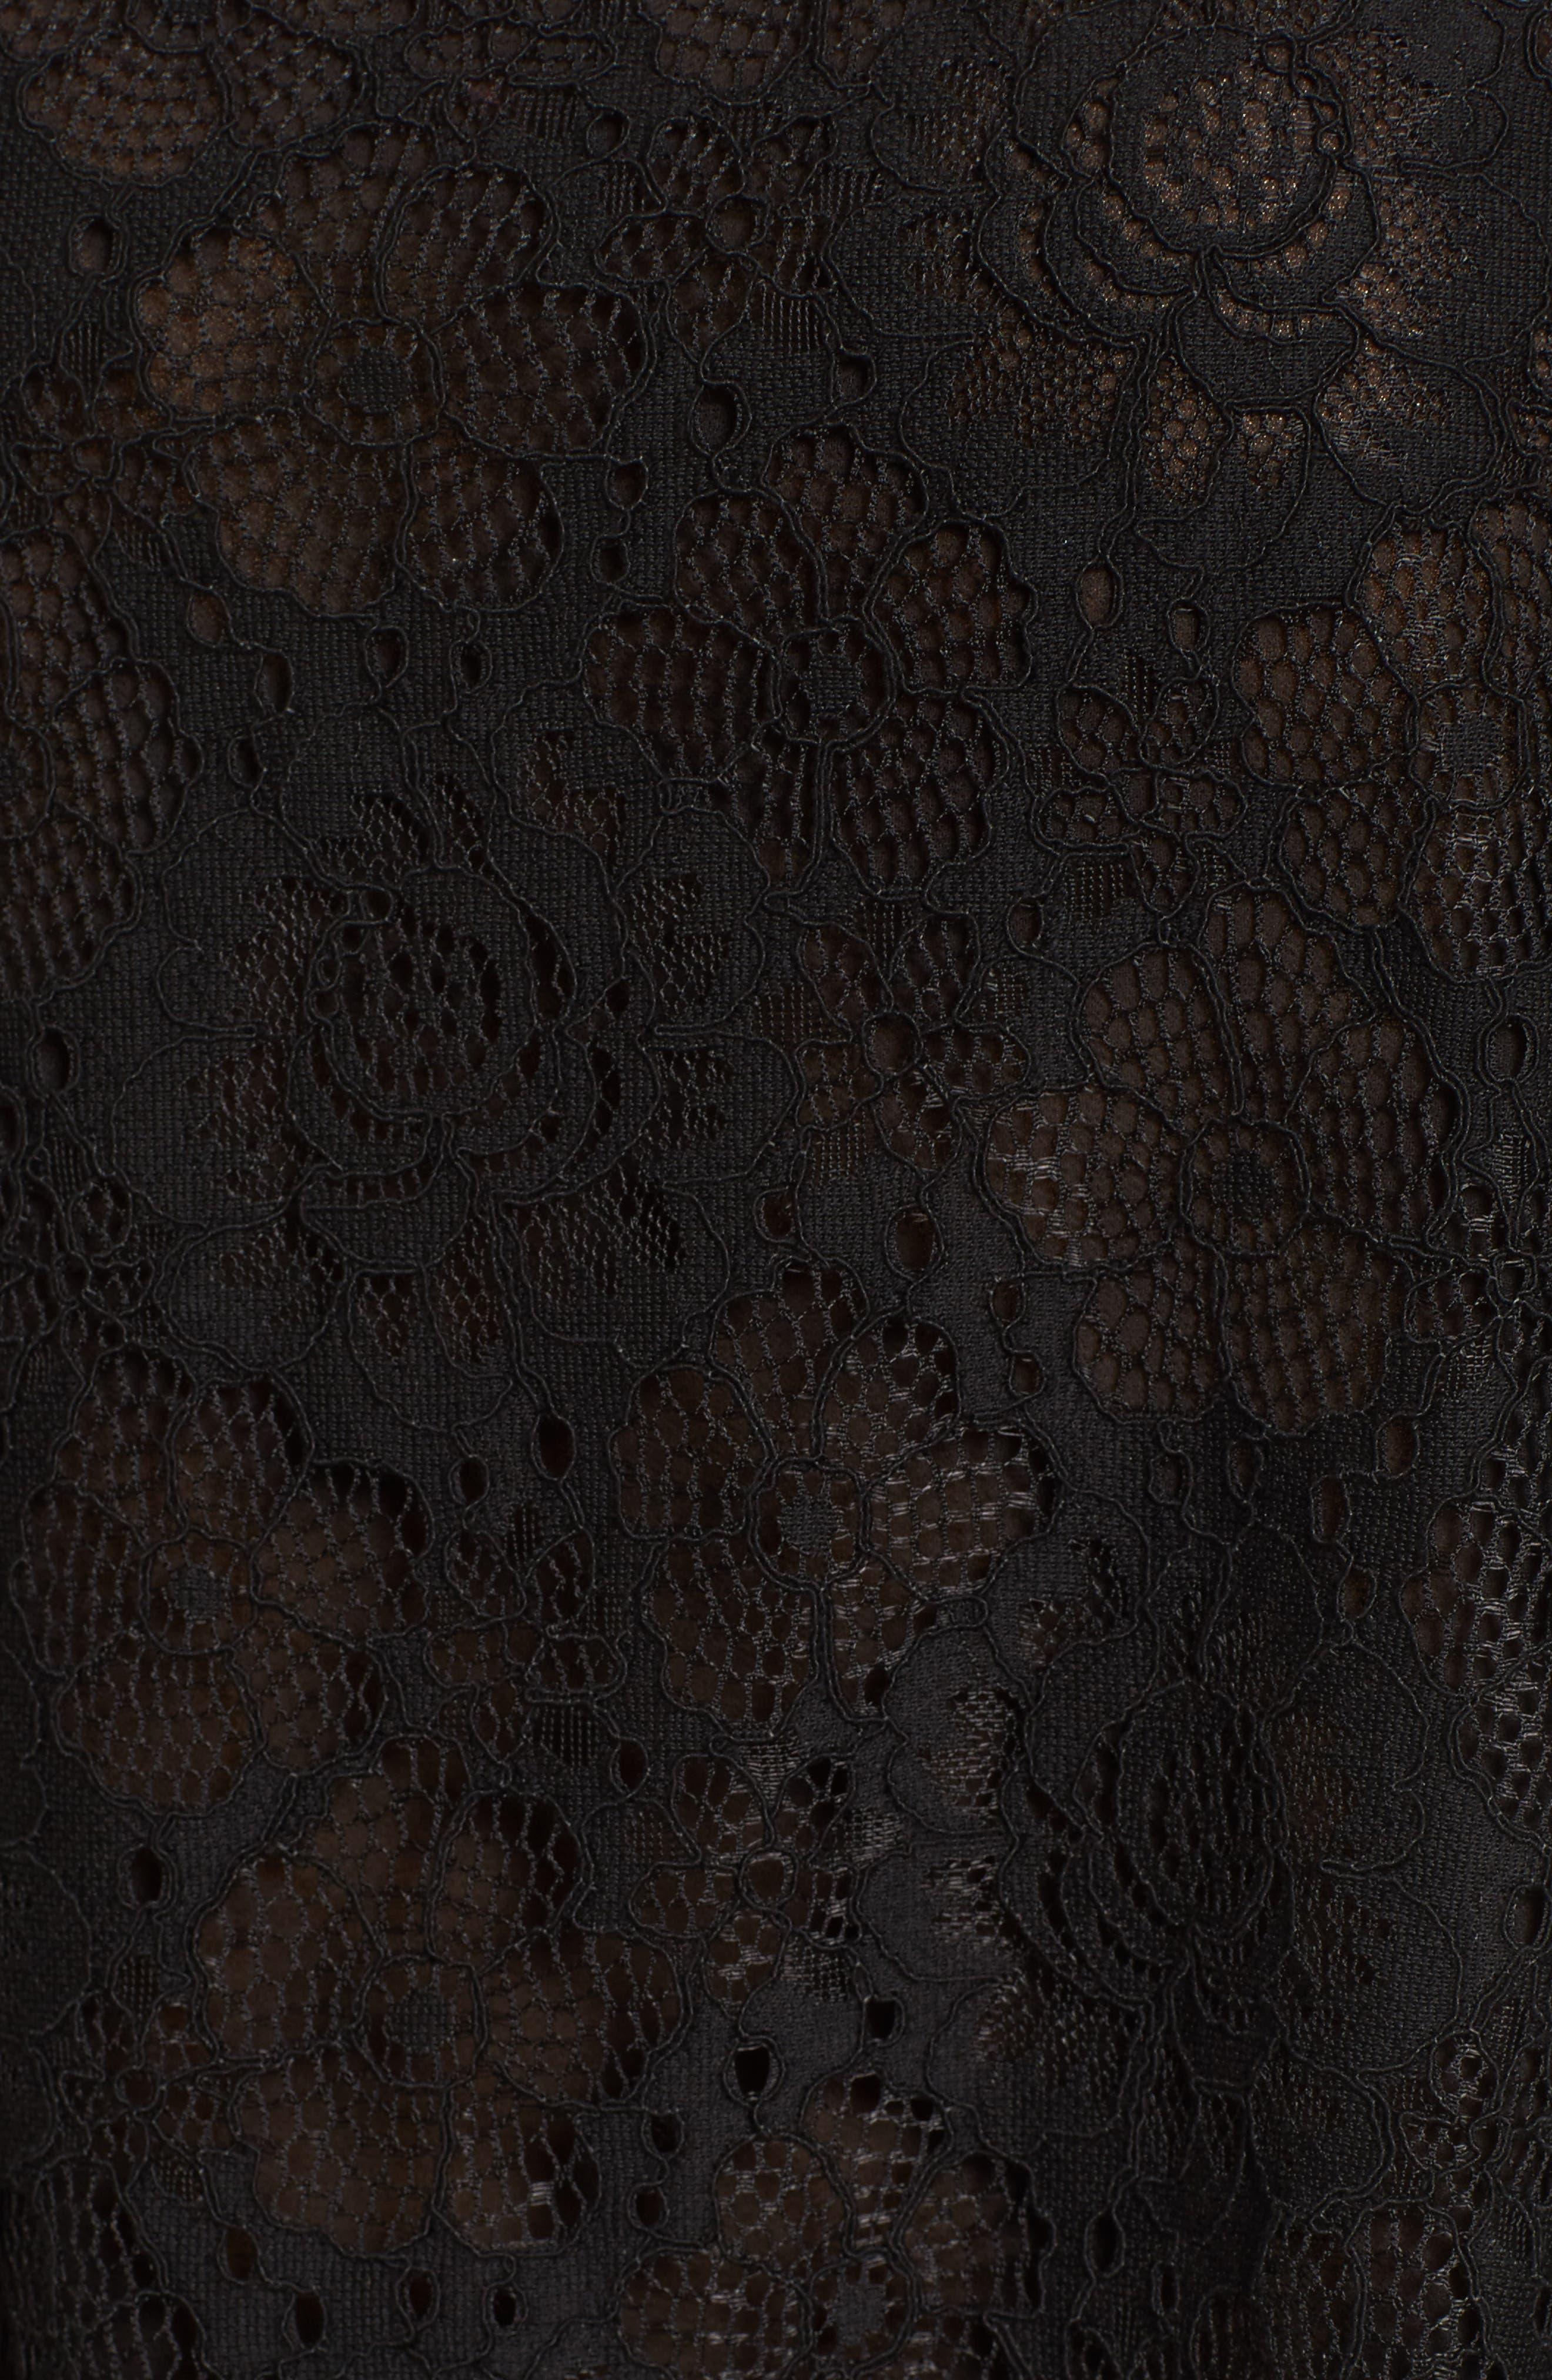 Gabrielle Off the Shoulder Lace Top,                             Alternate thumbnail 6, color,                             Black